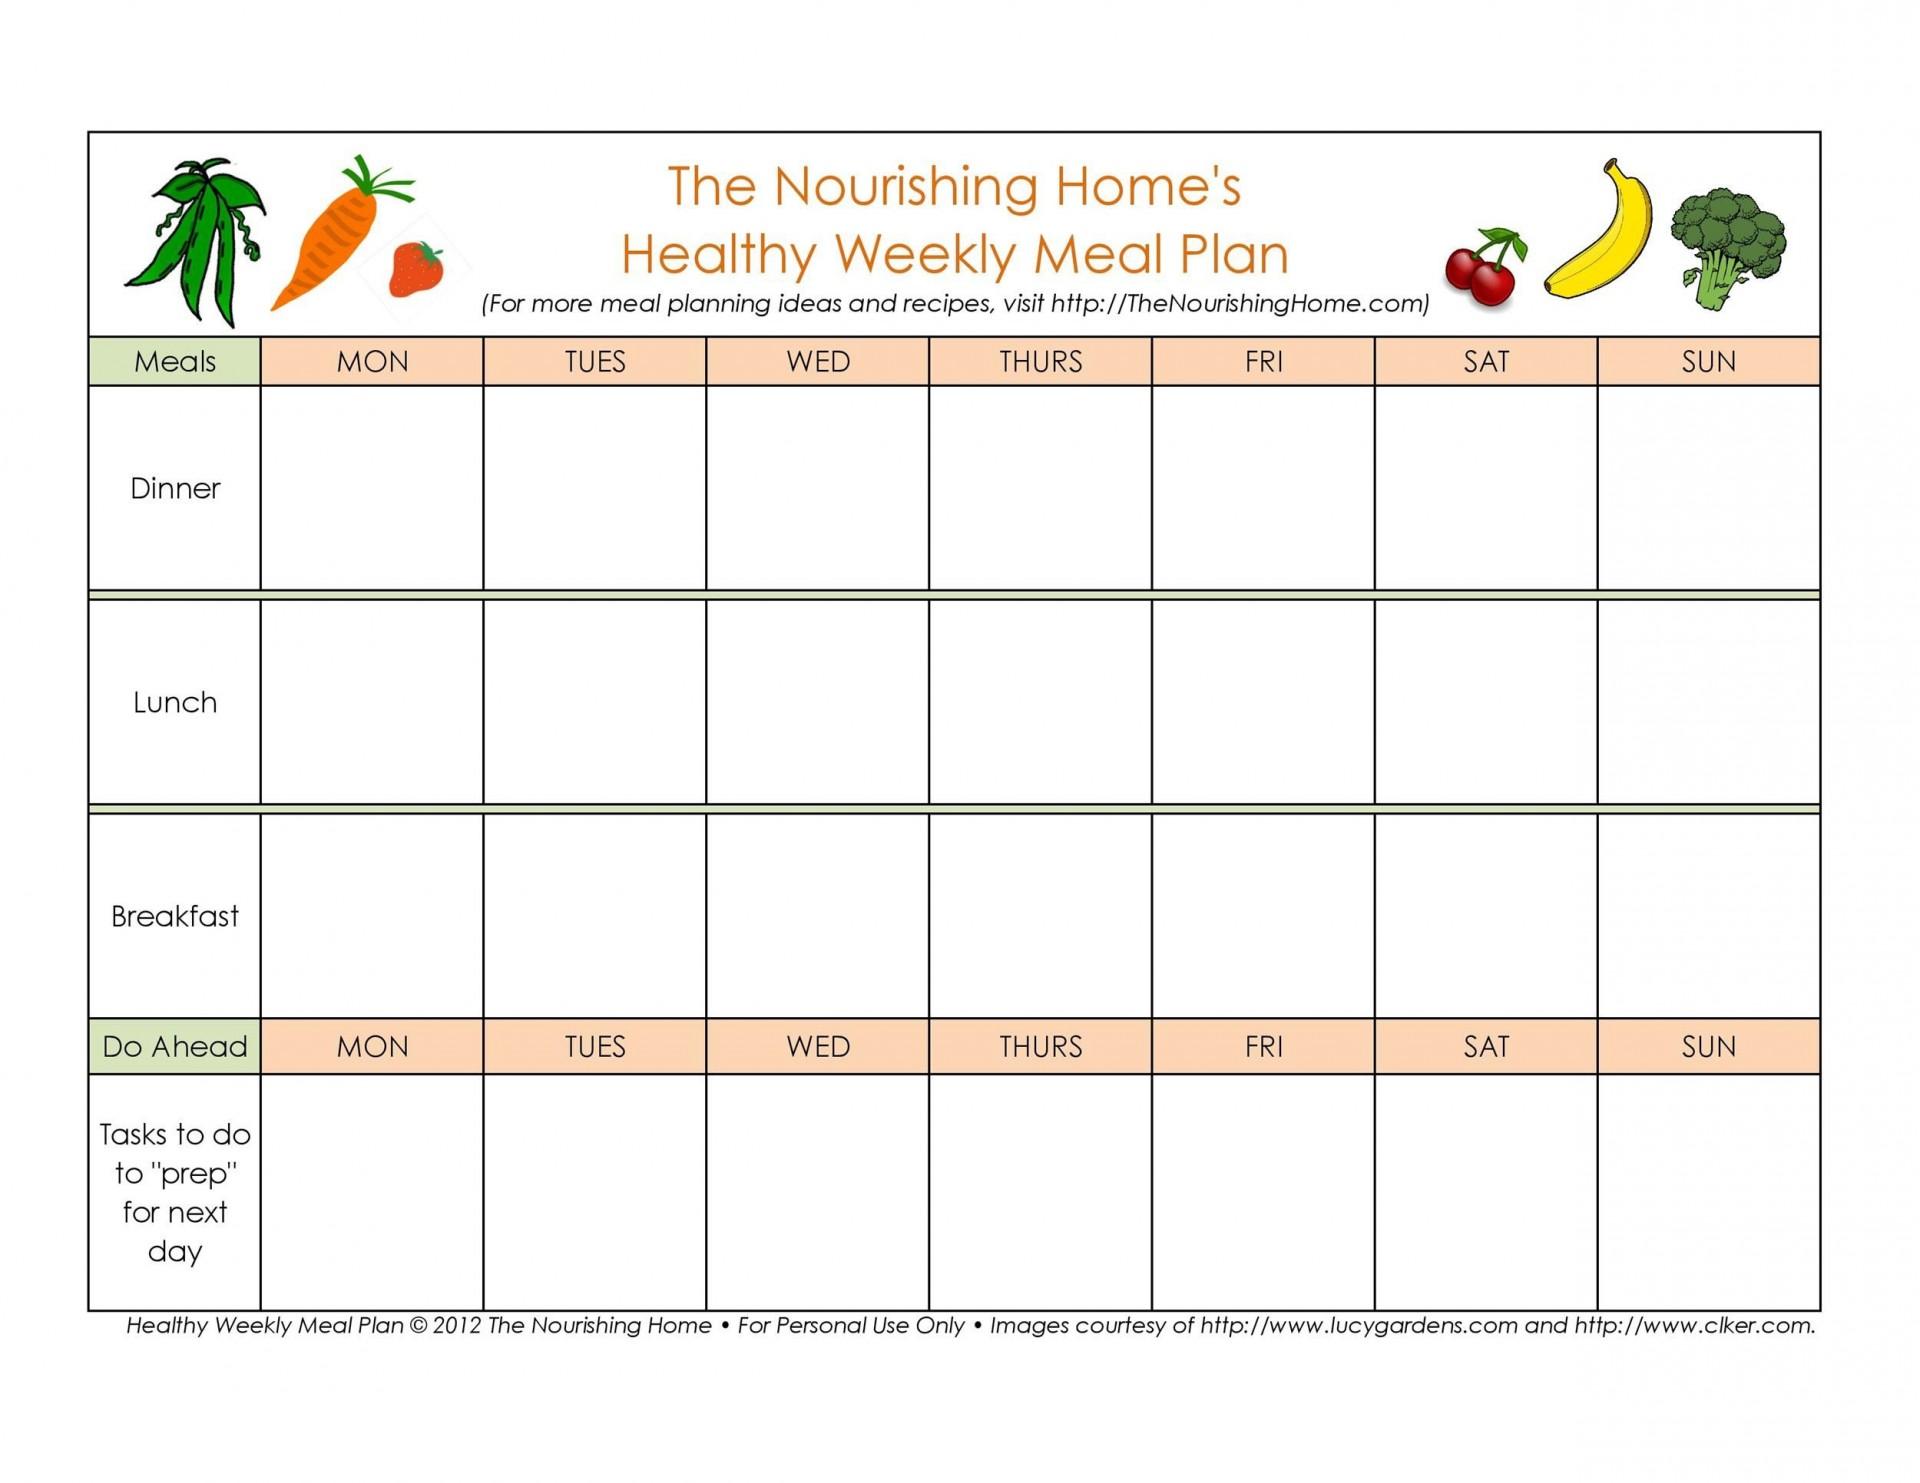 005 Surprising Weekly Eating Plan Template Sample  Food Planner Excel Meal Download1920